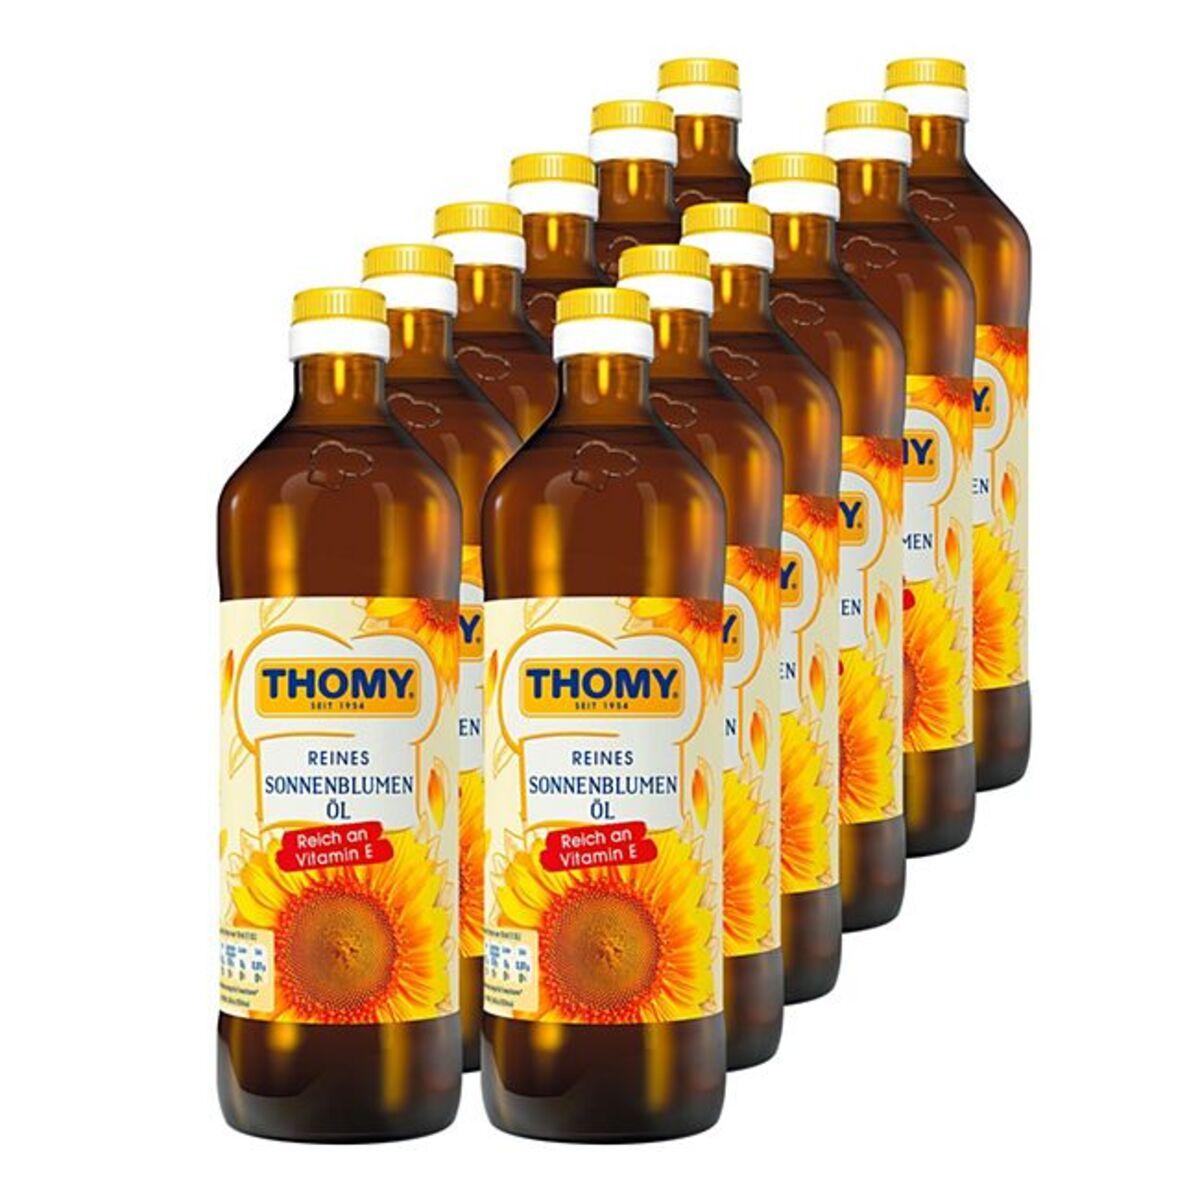 Bild 1 von Thomy Sonnenblumenöl 750 ml, 12er Pack